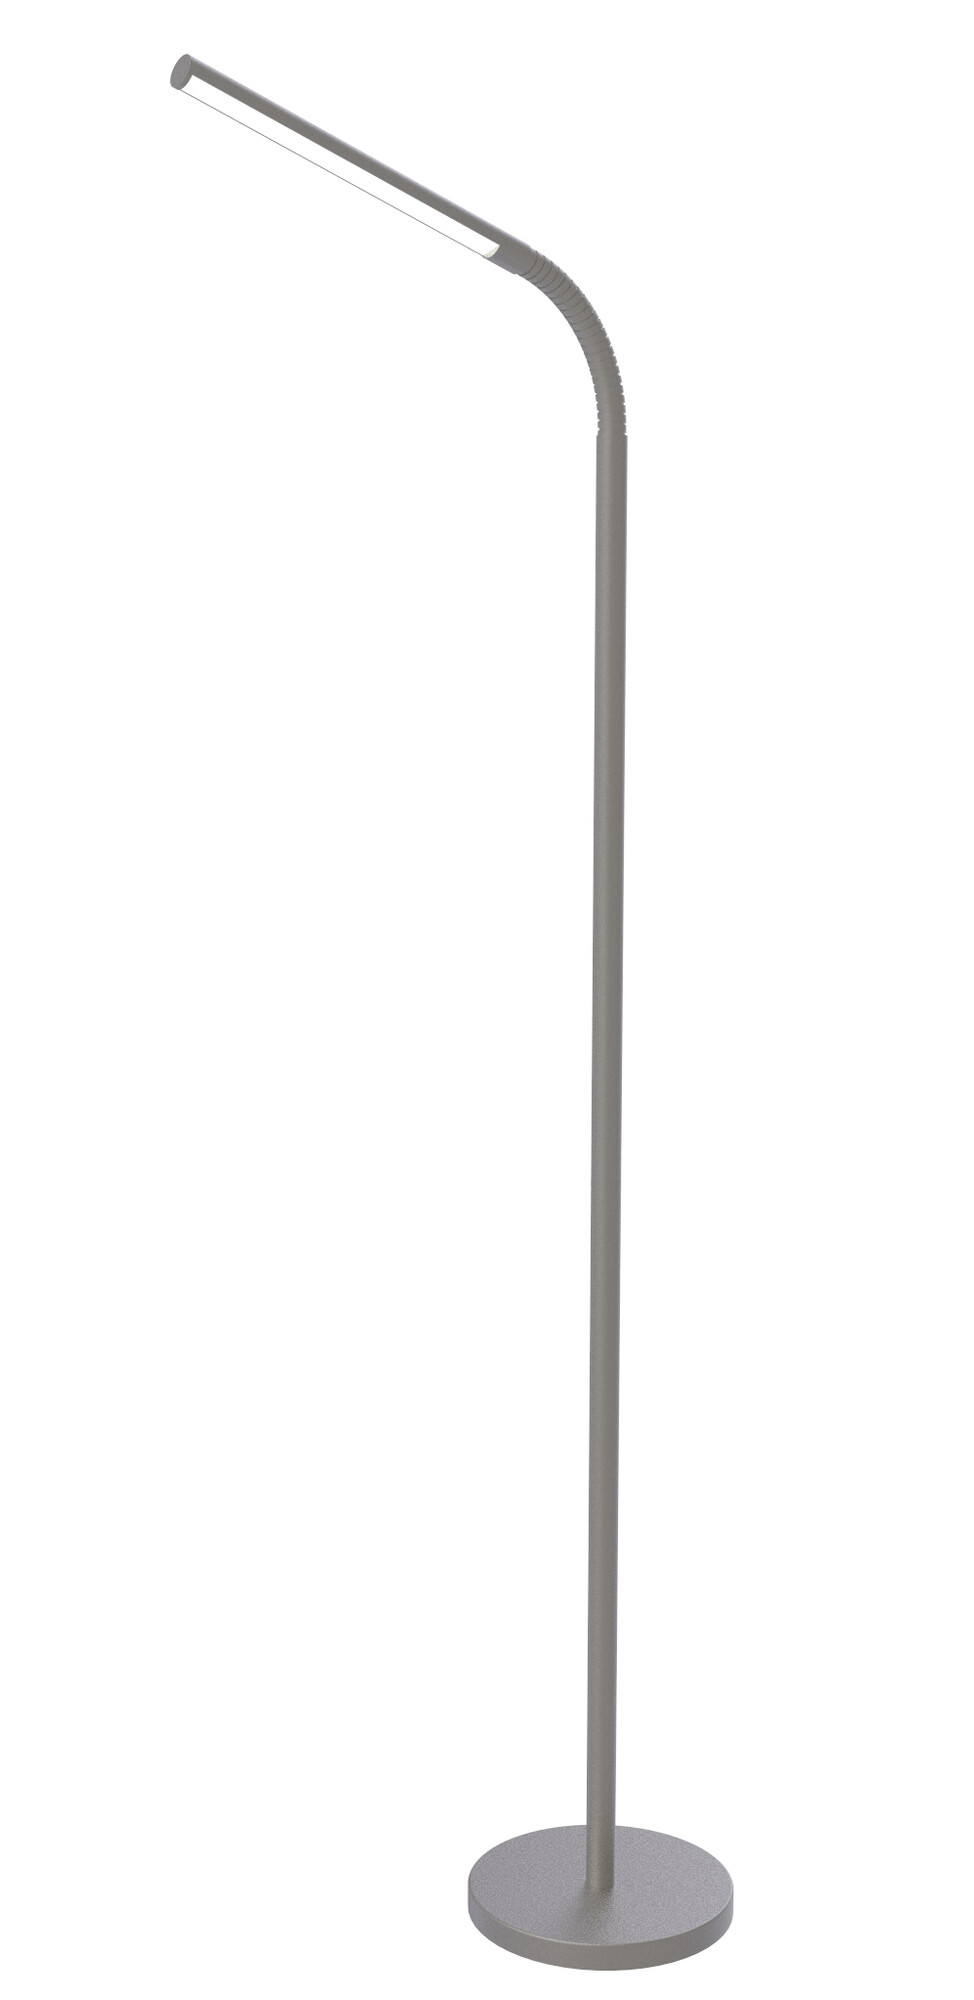 FLEXI Lampadaire LED 1x8W/610lm Argent